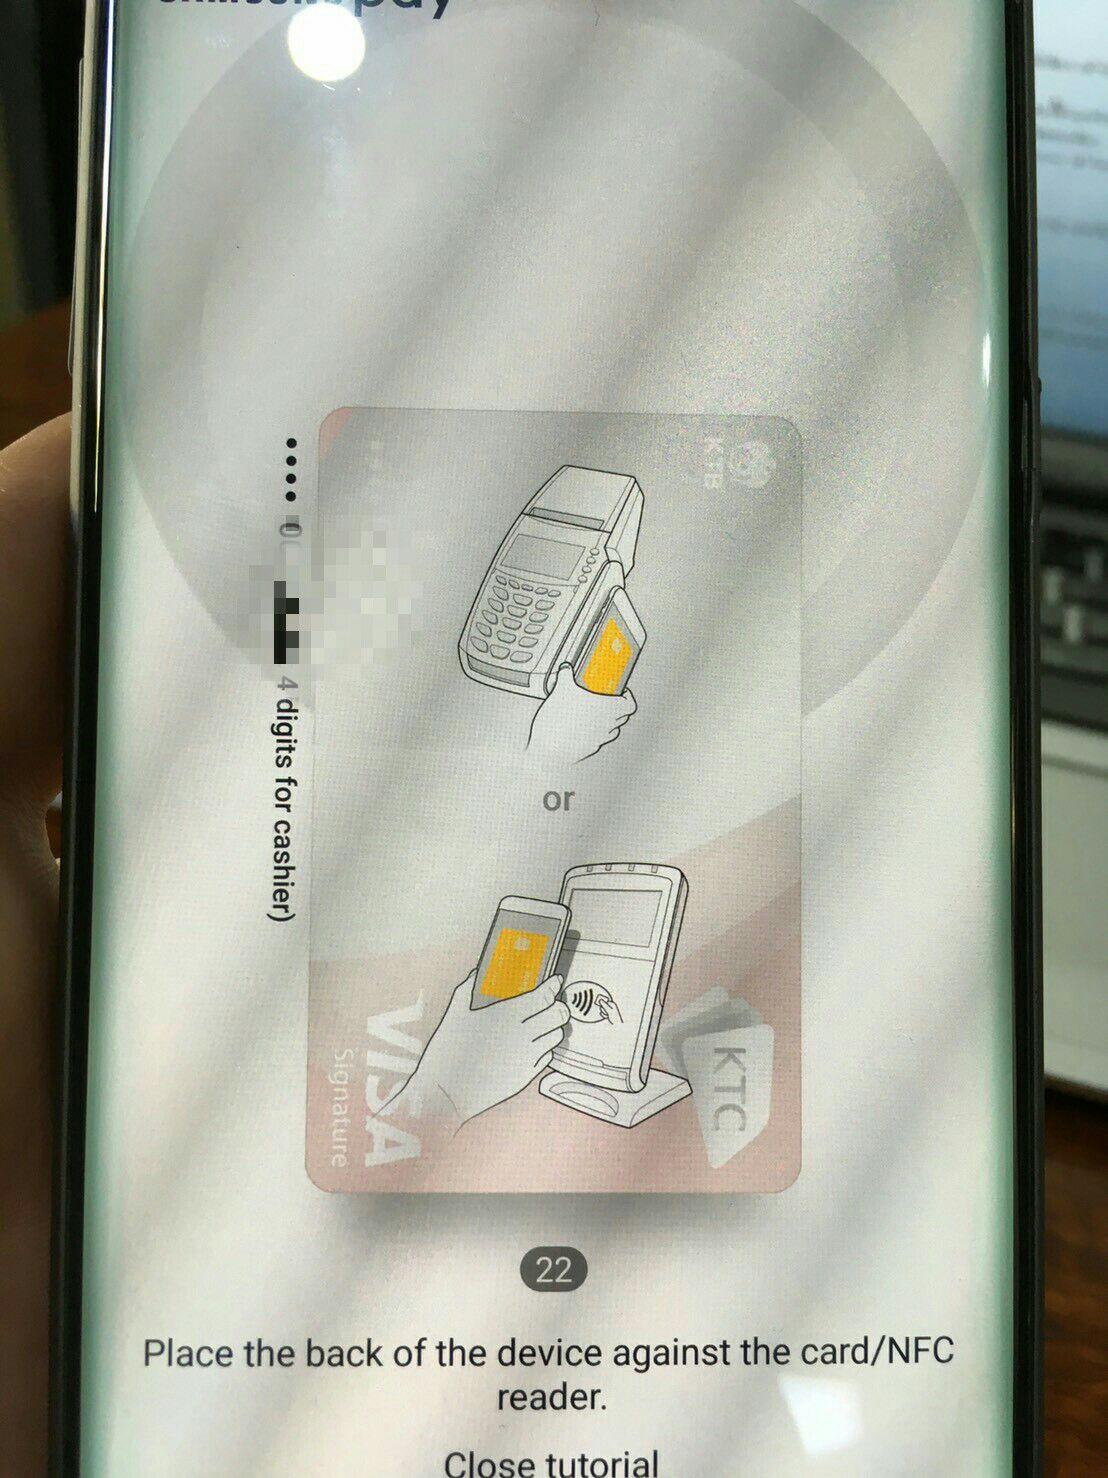 พอ Slide ขึ้นมาระบบจะสแกนรายนิ้วมือ จากนั้นแสดงวิธีการใช้งานคร่าวๆ